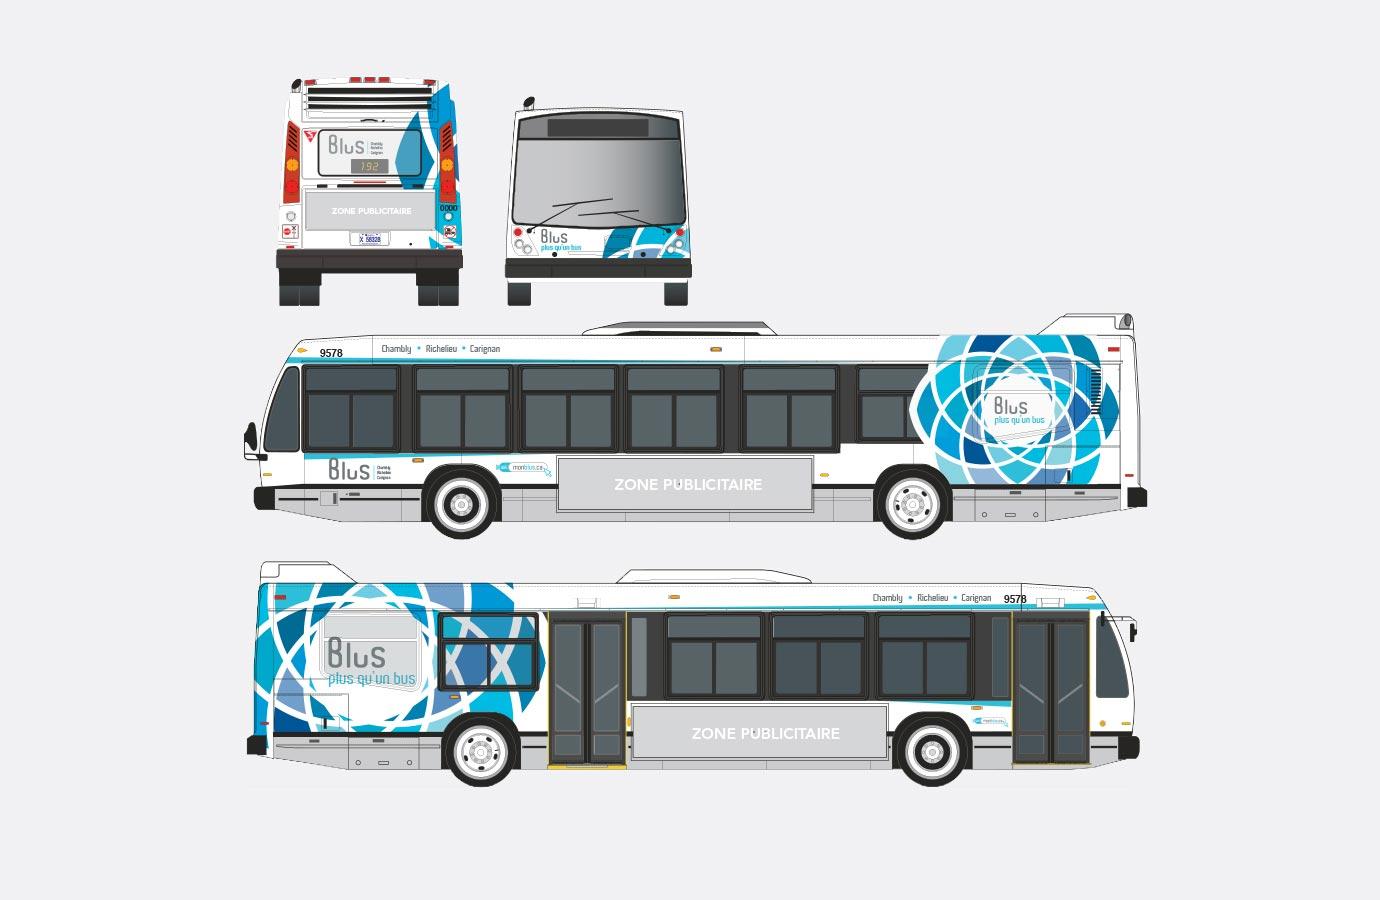 Lettrage des autobus Blus, version bleue